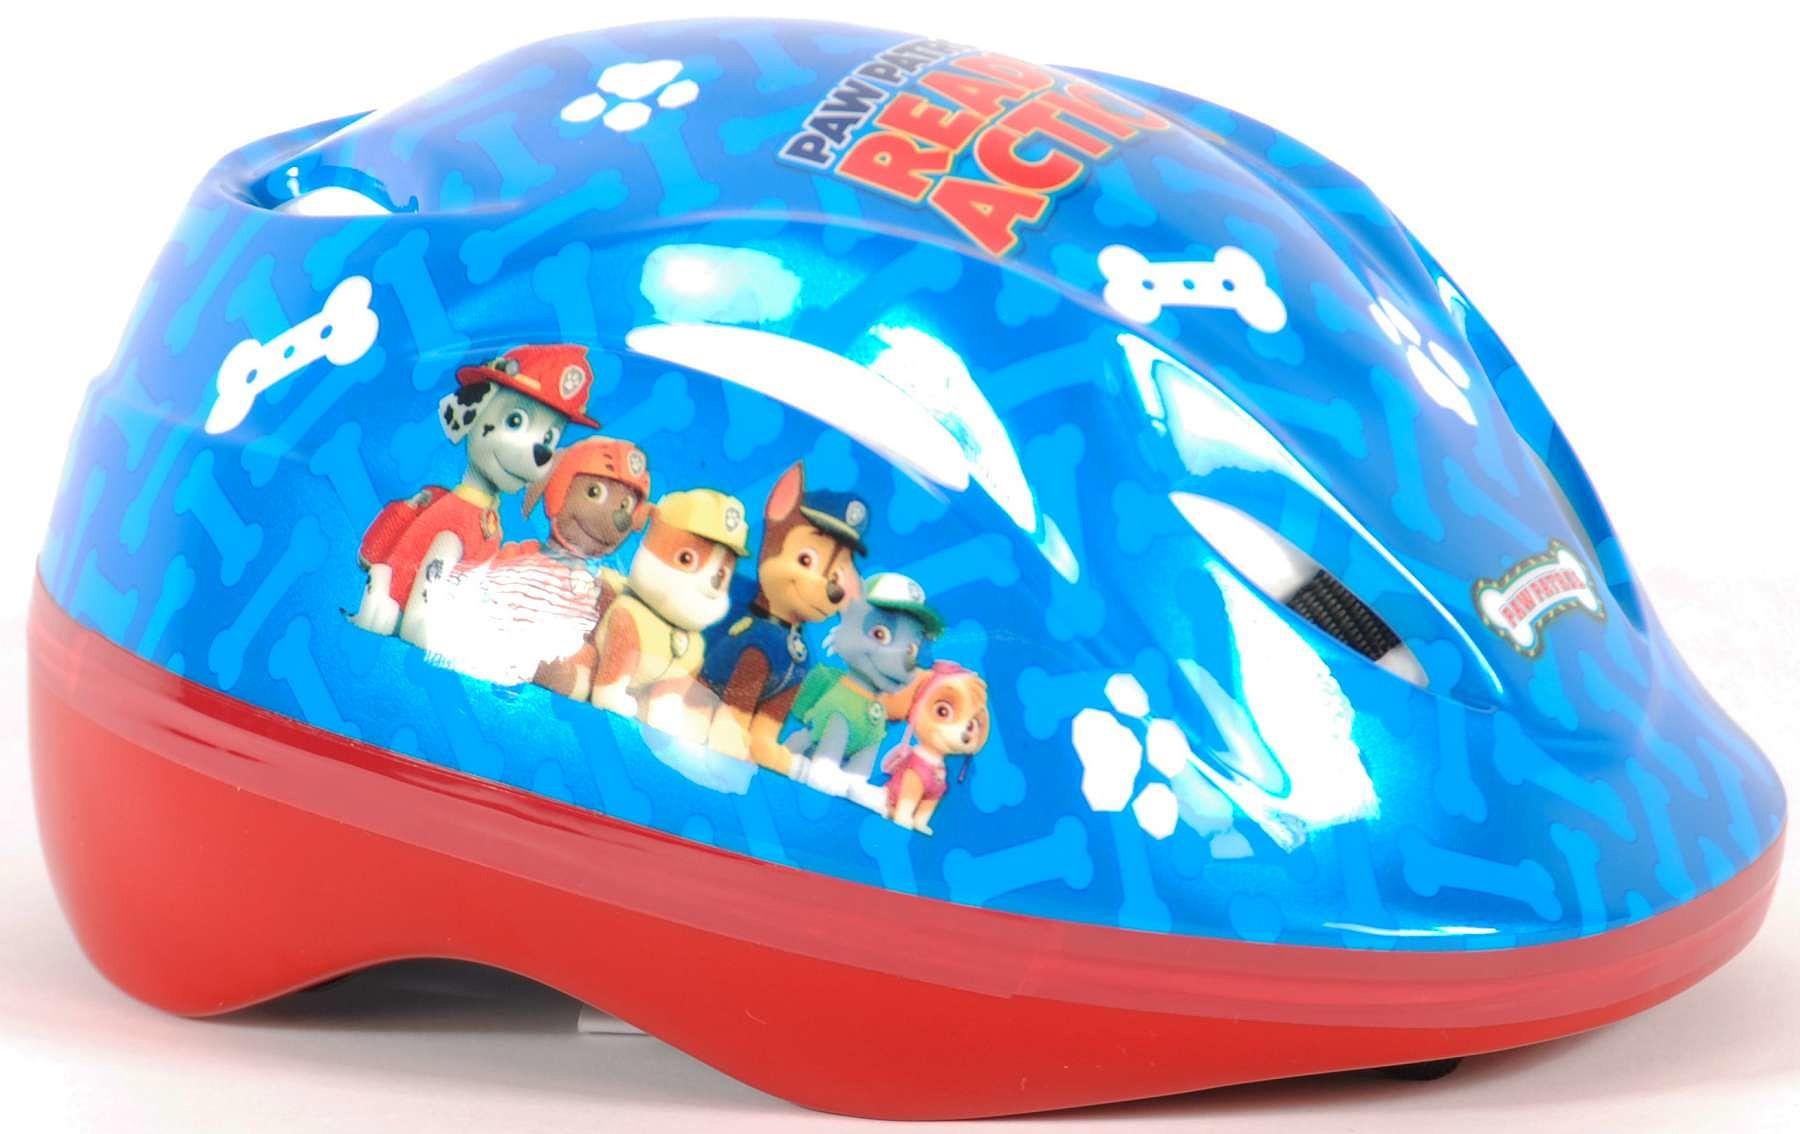 Afbeelding van Disney Fietshelm kind blauw 51 55